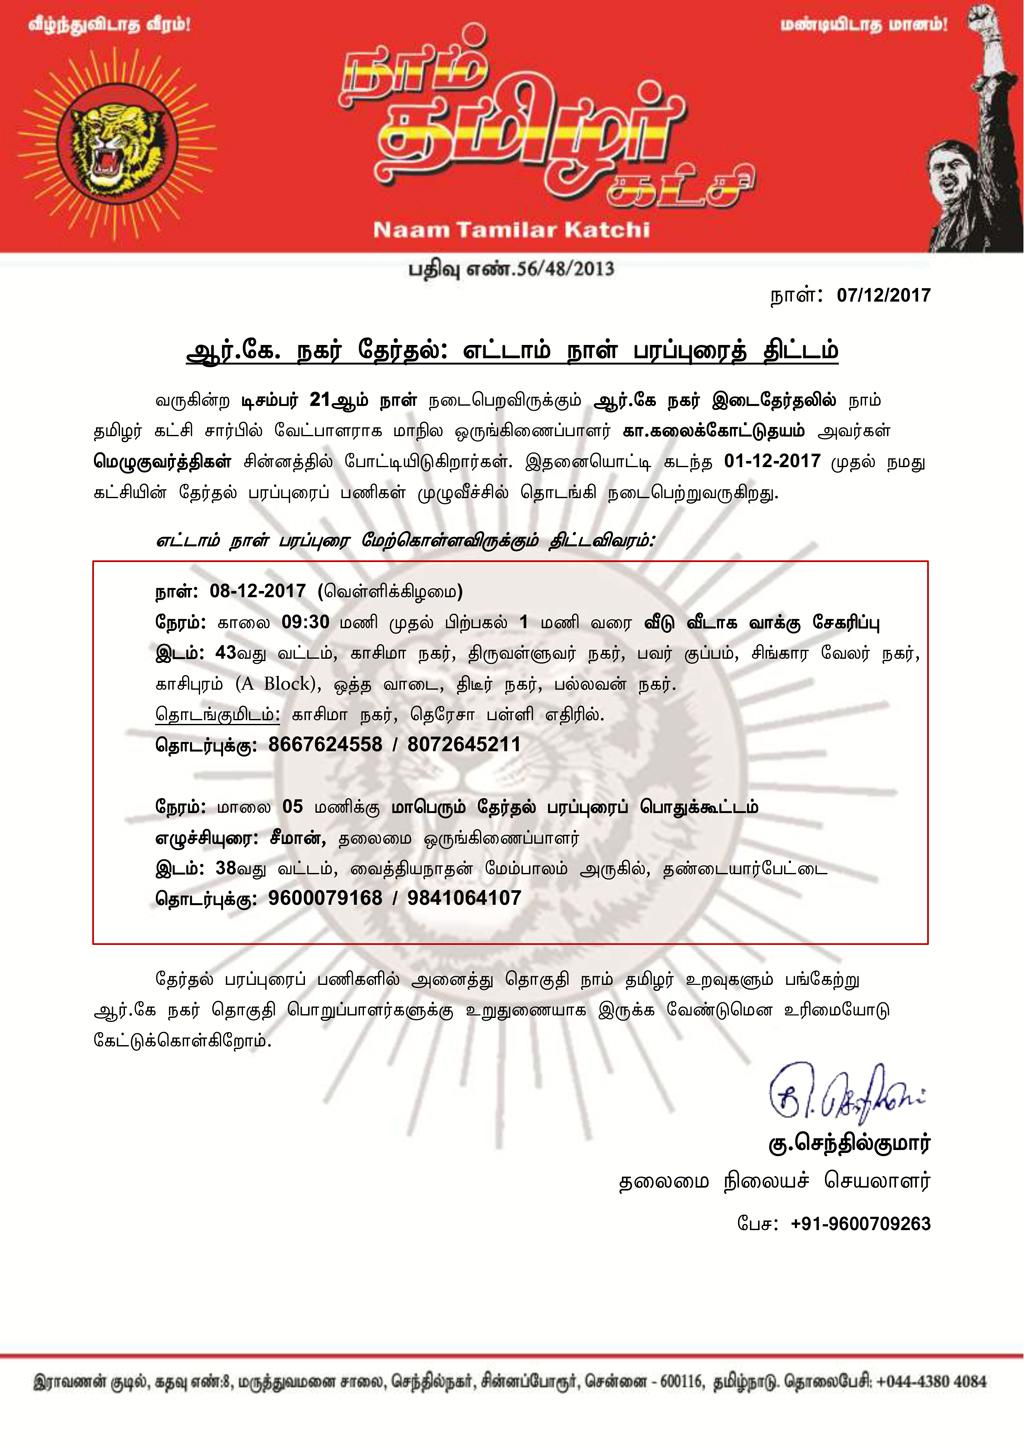 அறிவிப்பு: ஆர்.கே நகர் இடைத்தேர்தல்: 08-12-2017 எட்டாம் நாள் பரப்புரைத் திட்டம் rk nagar by poll naam tamilar katchi kalaikottuthayam election campaign announcement 08 12 2017